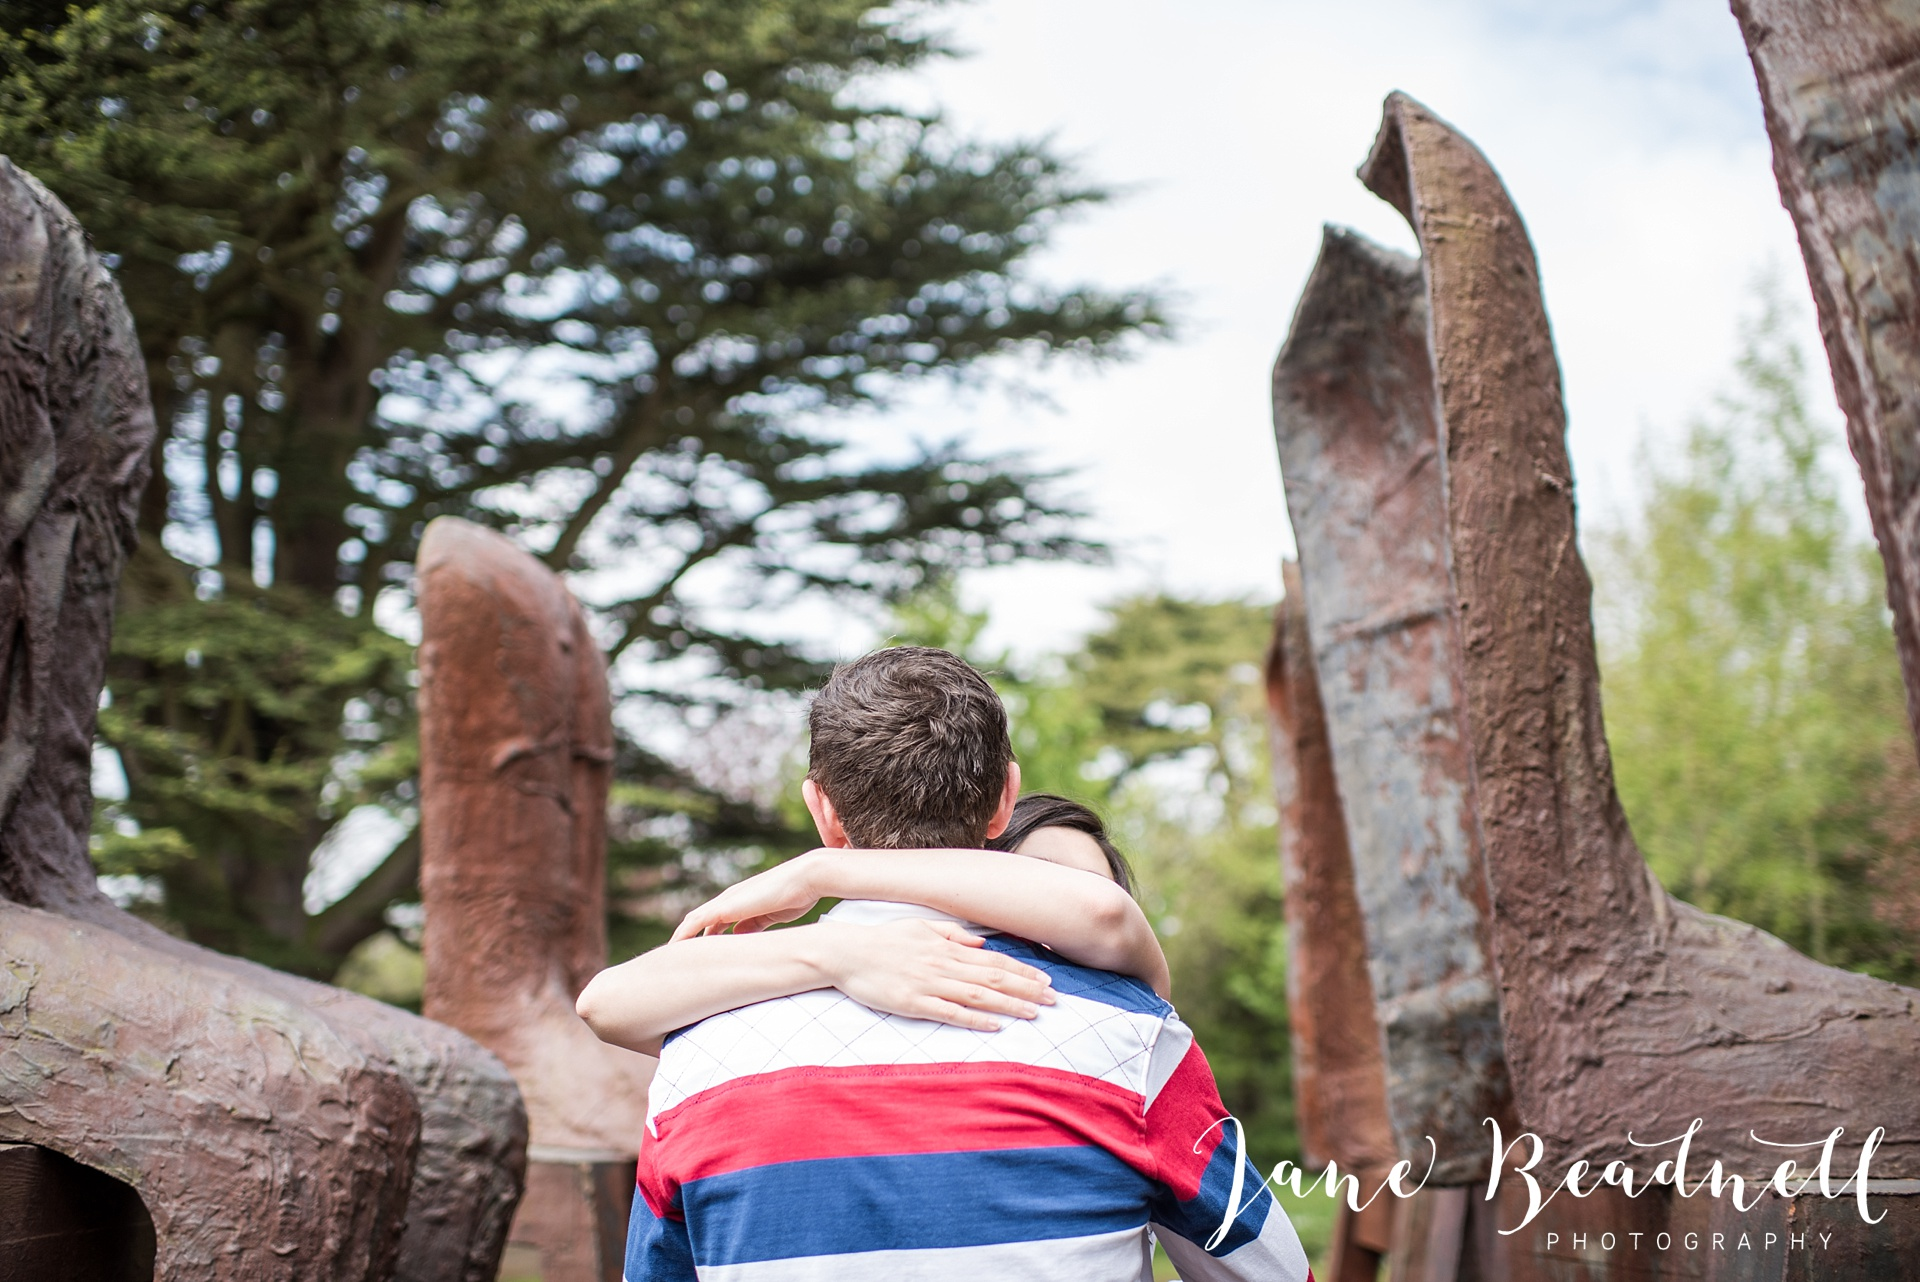 Yorkshire Sculpture Park Engagement Shoot Leeds wedding photographer Jane Beadnell_0026